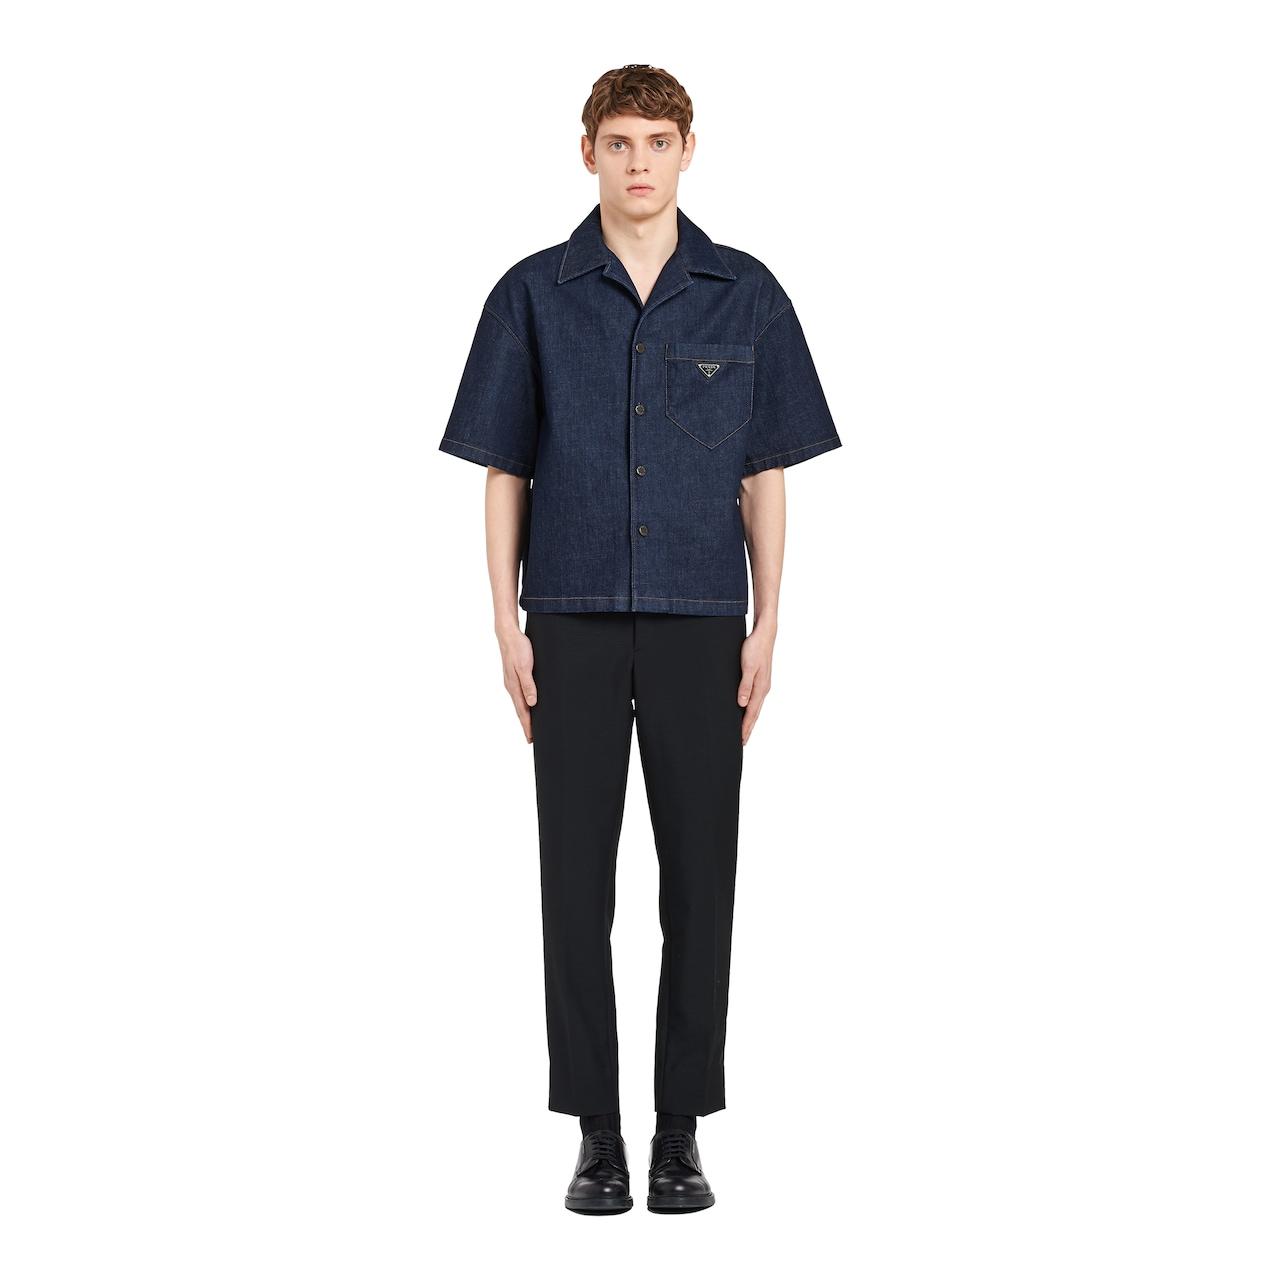 Prada Denim shirt 2